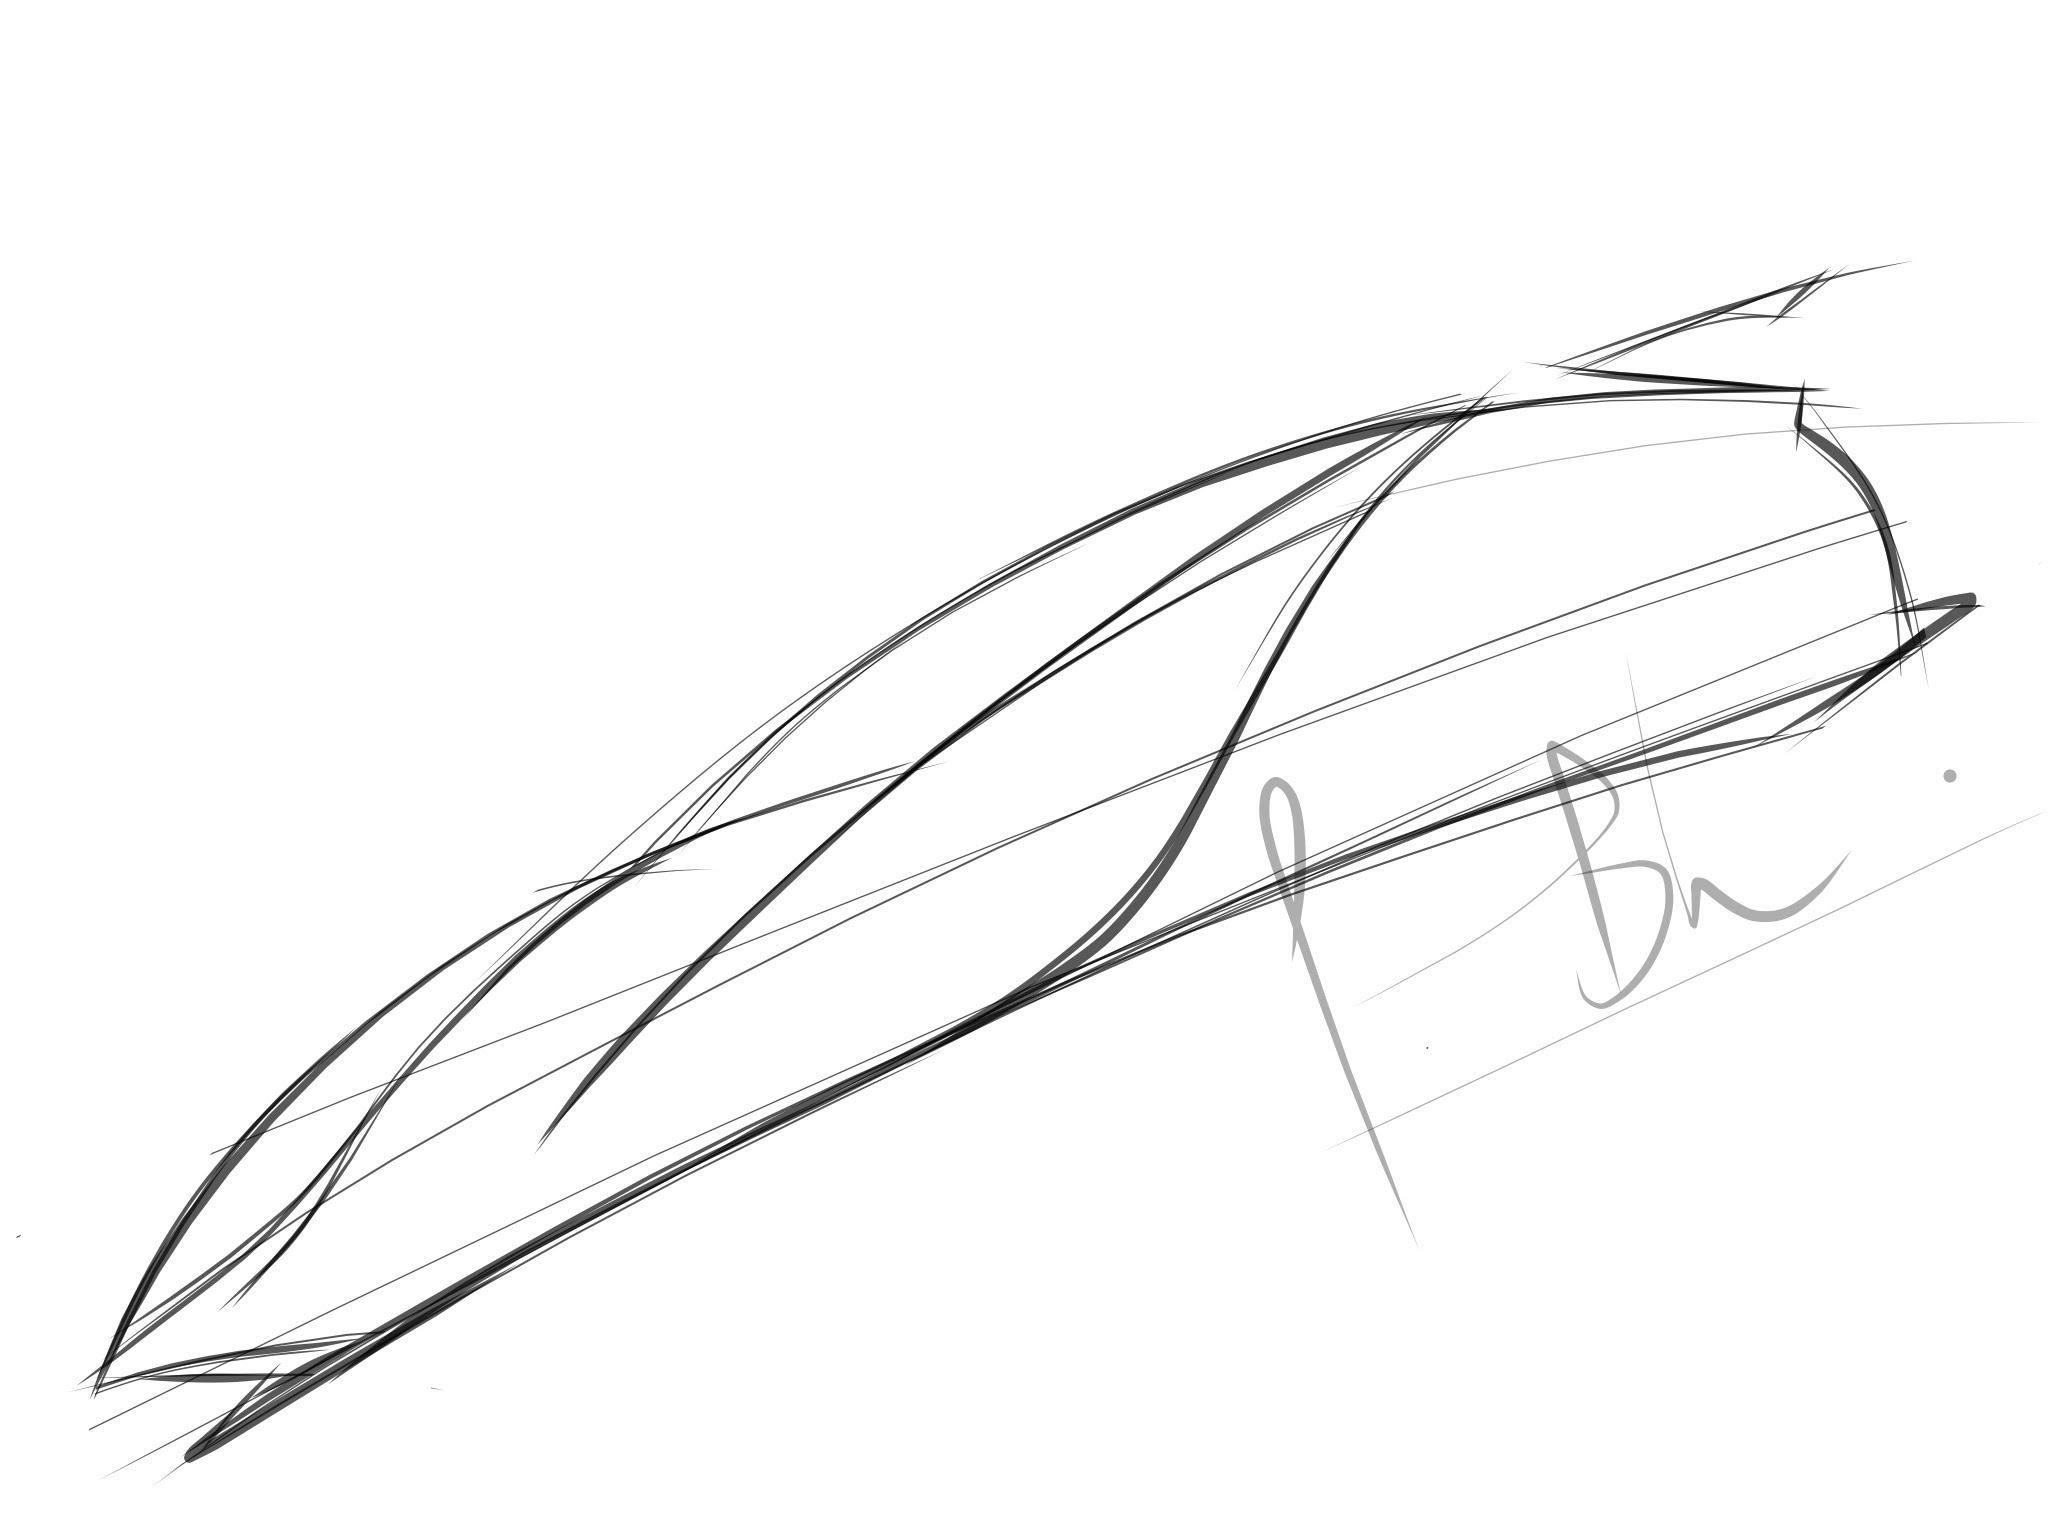 2048x1536 How To Draw A Mercedes Benz Concept Car.(Ipad) Part 1